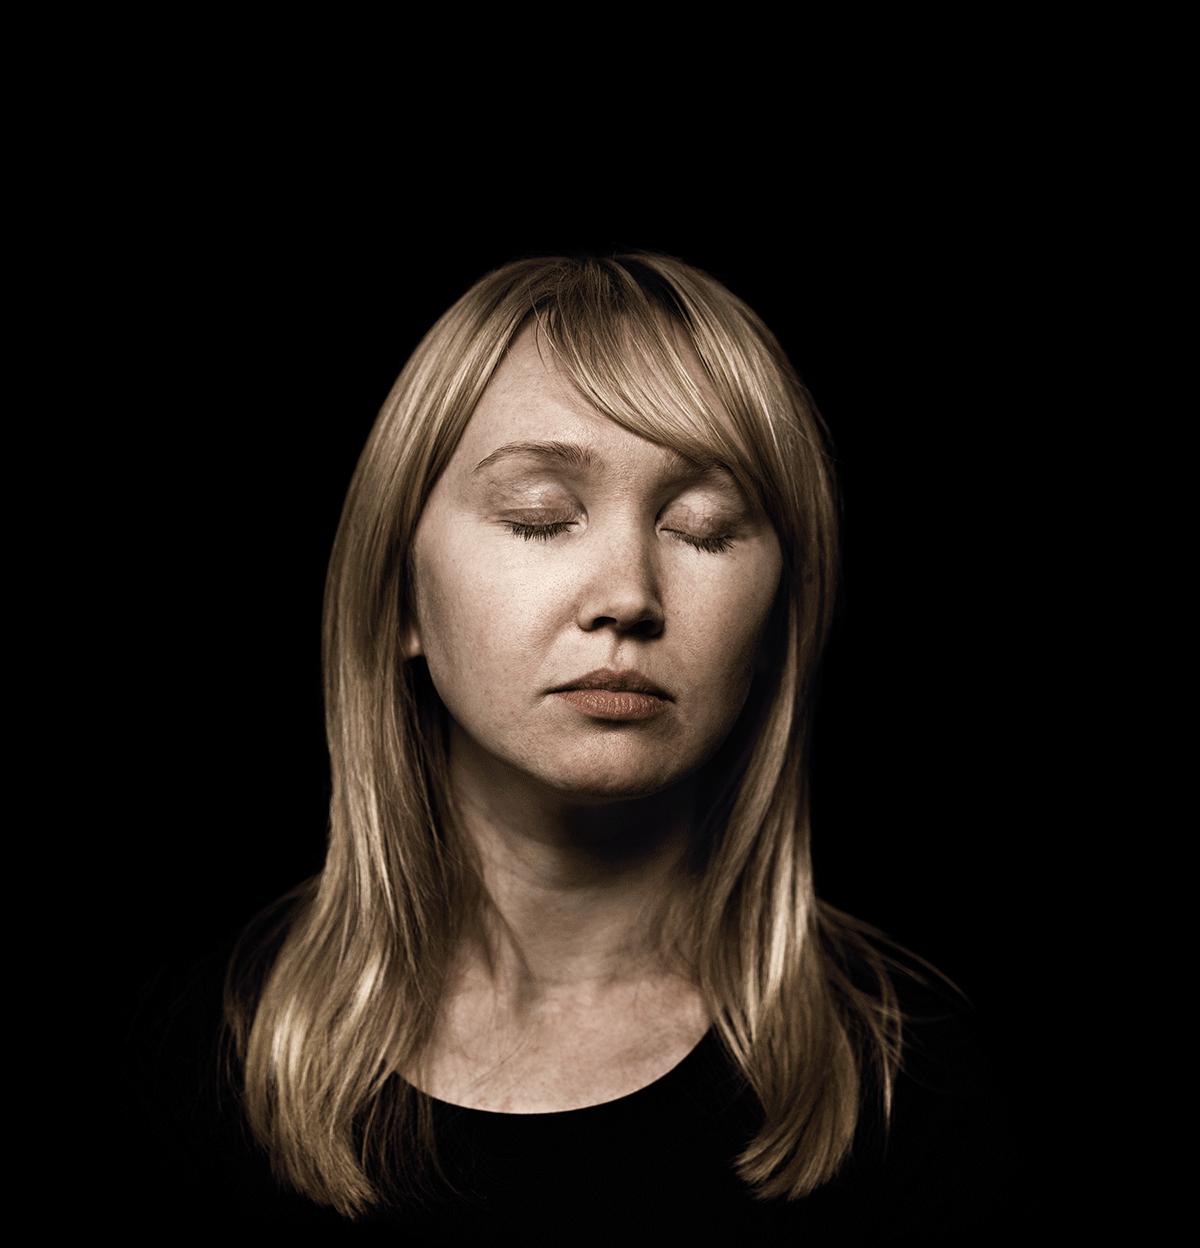 isabel-kronenberger-unknown-identity-07